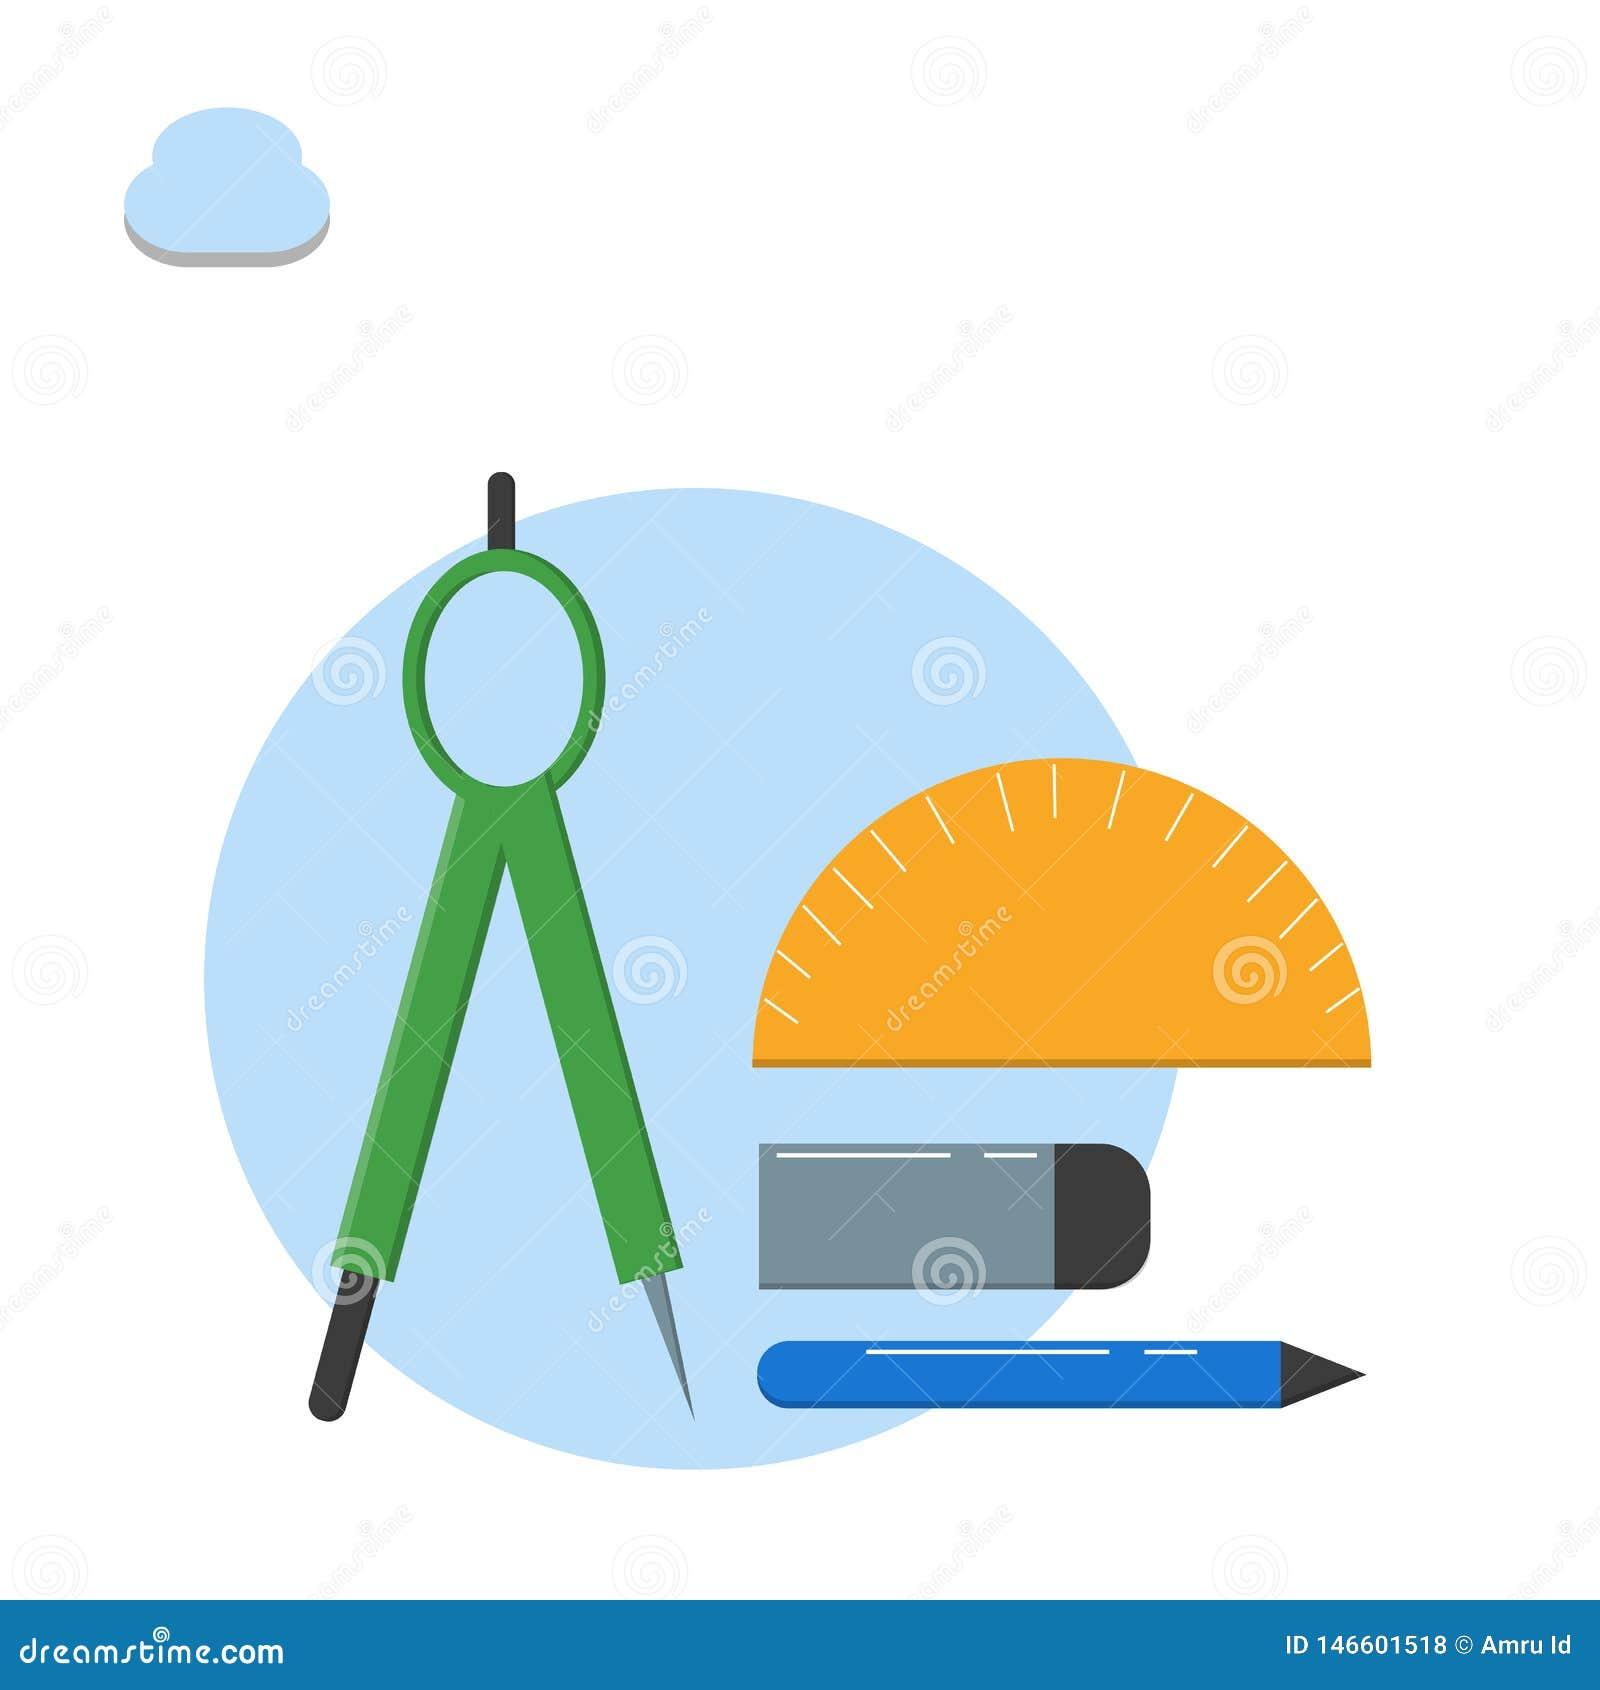 Matematycznie wyposażenie kątomierz, kompas, ołówek, gumki ilustracja - wektor